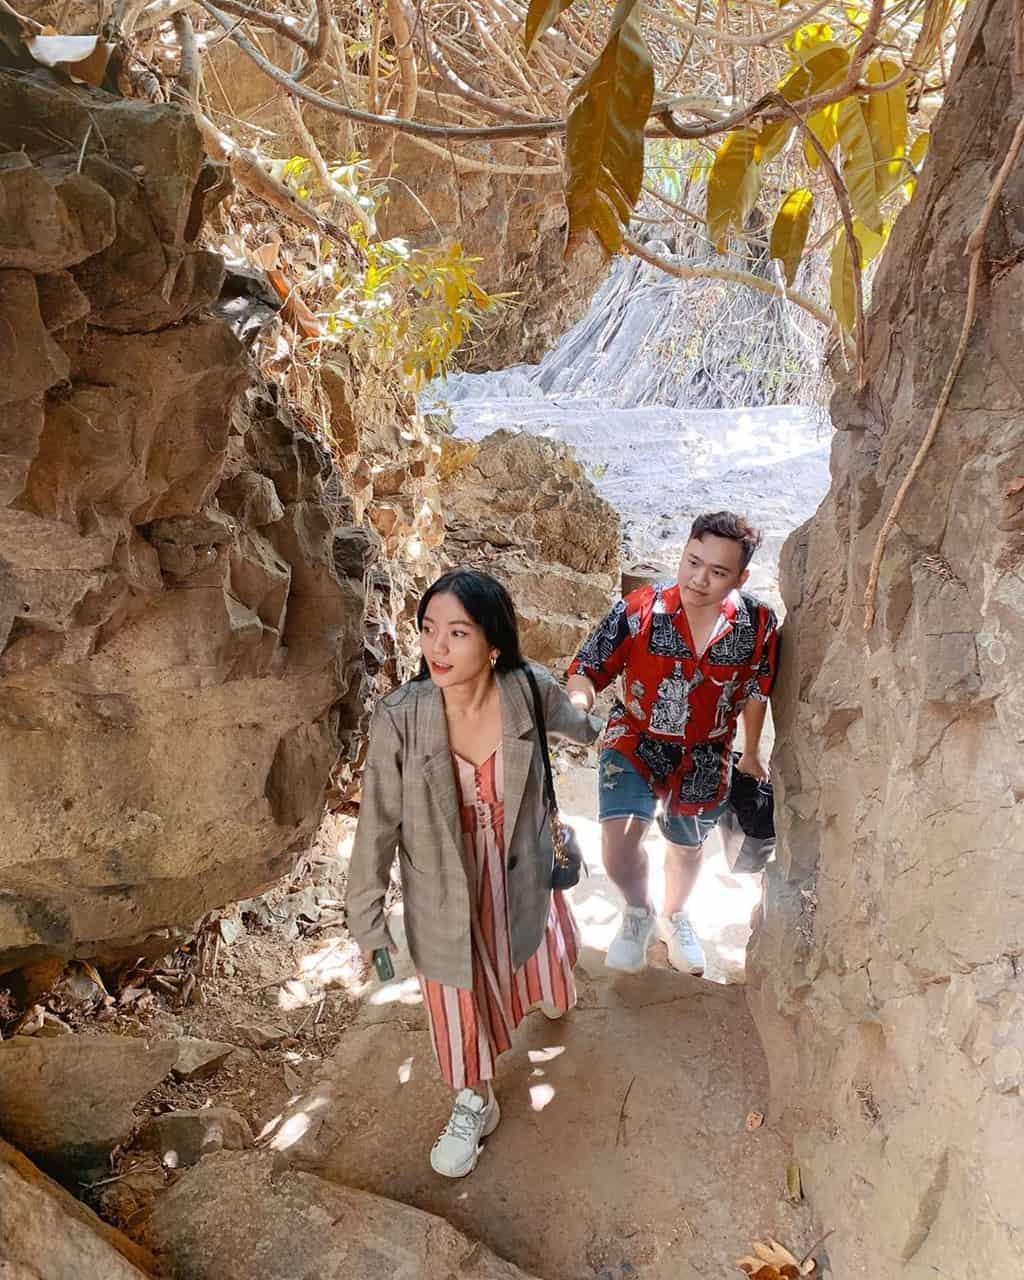 Những góc nhỏ cực đẹp của thác Dray Nur. Hình: Nhatminhtboj